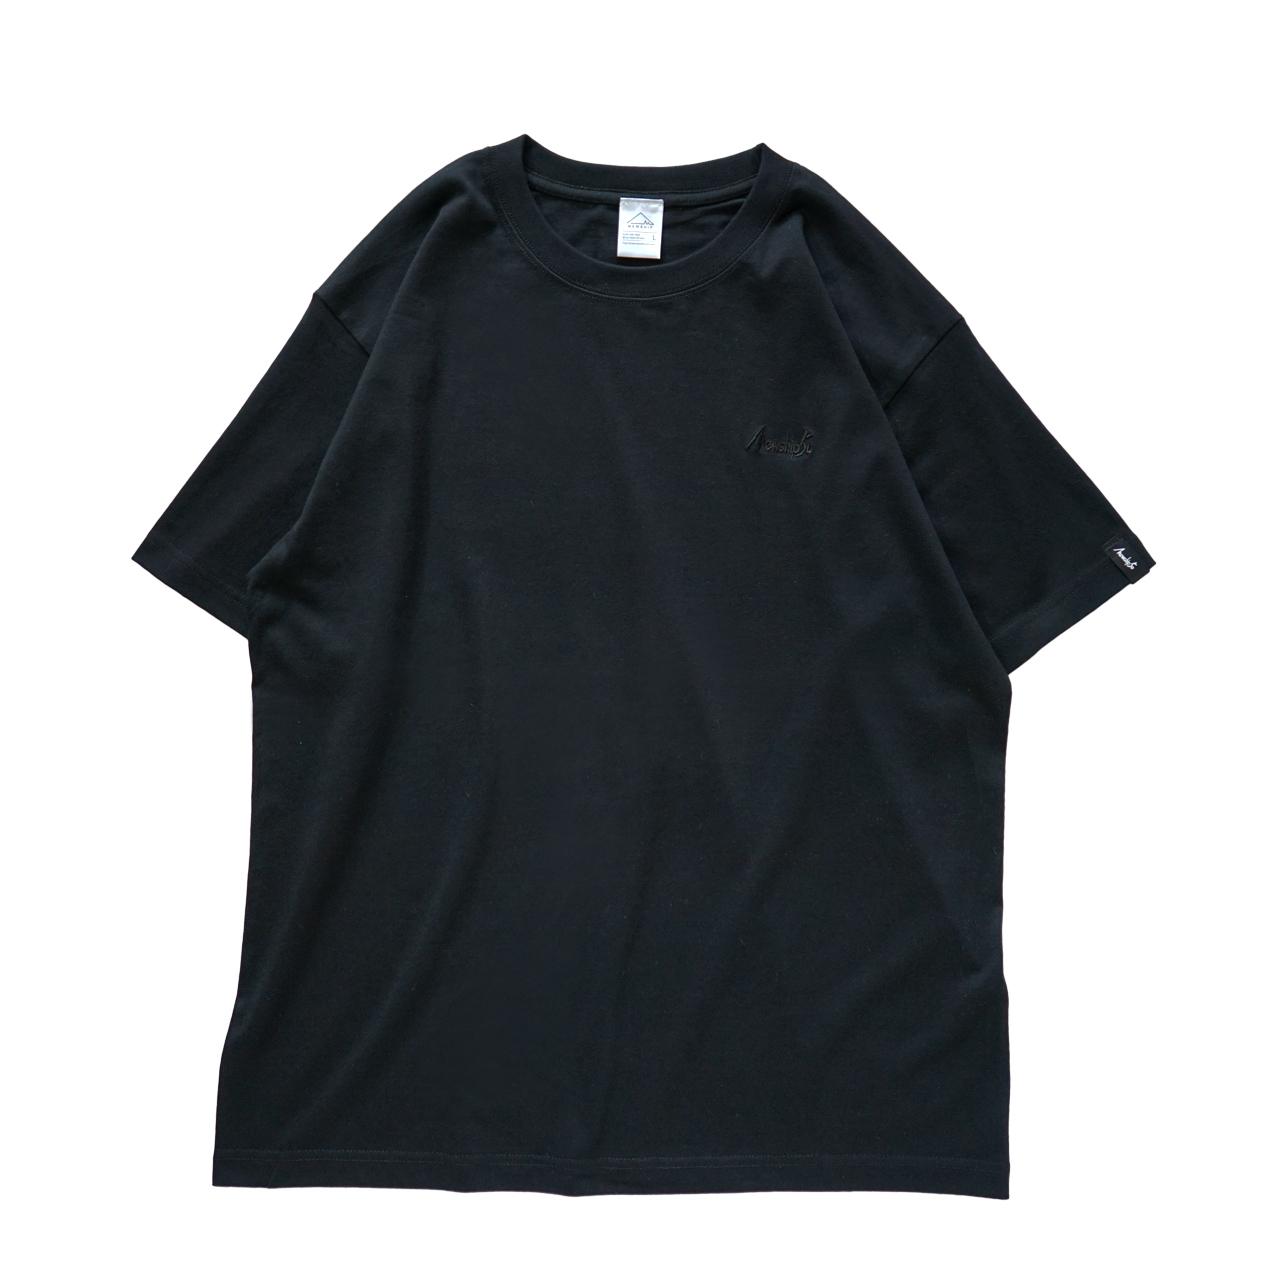 BASIC LOGO 019 S/S CT <Black×Black> - 画像1